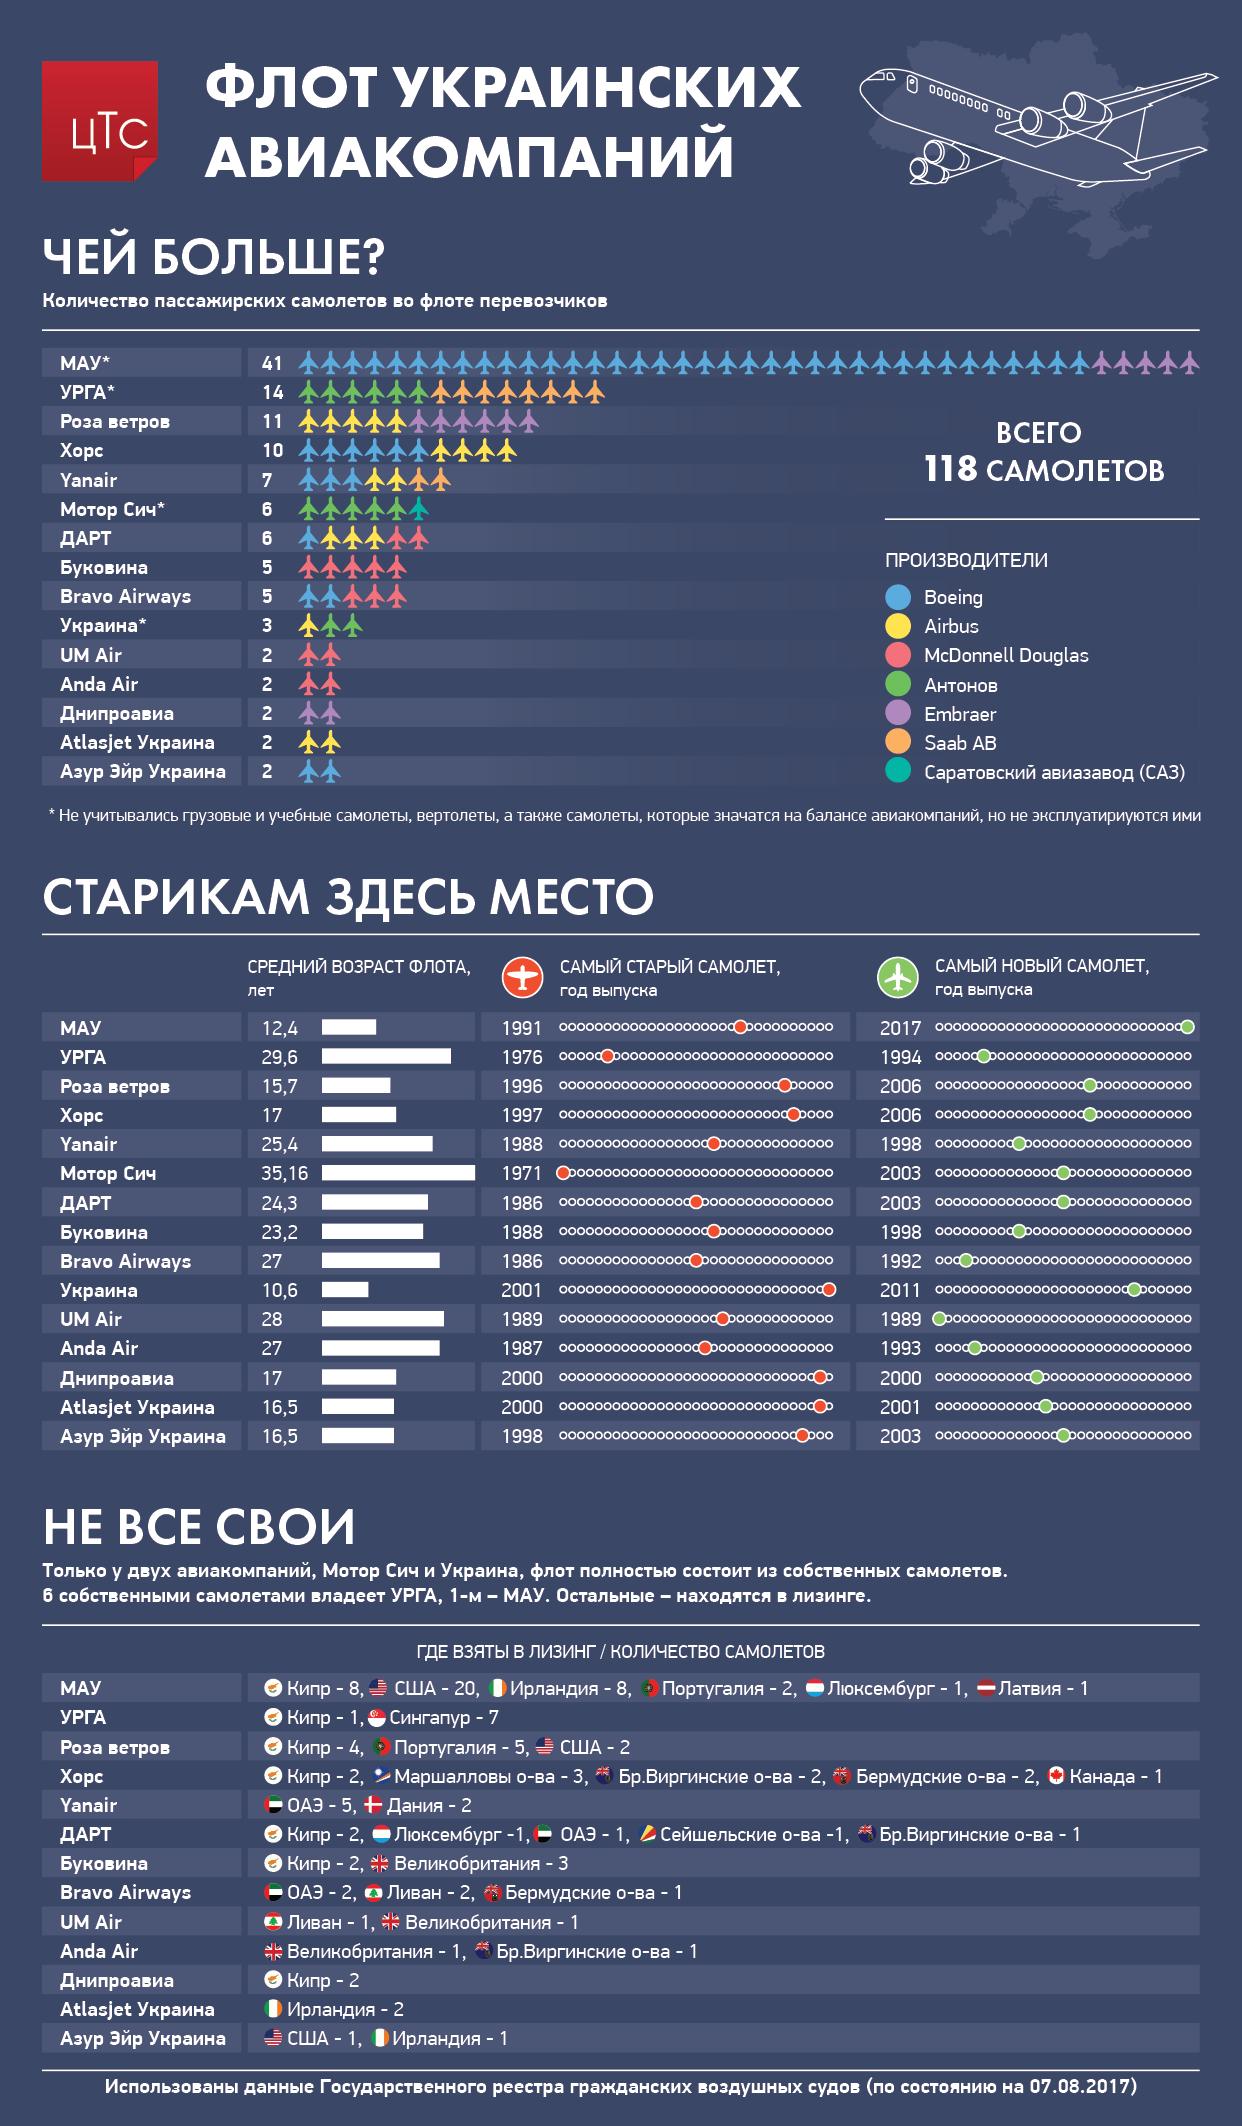 Флот украинских авиакомпаний: сколько самолетов и каков их возраст